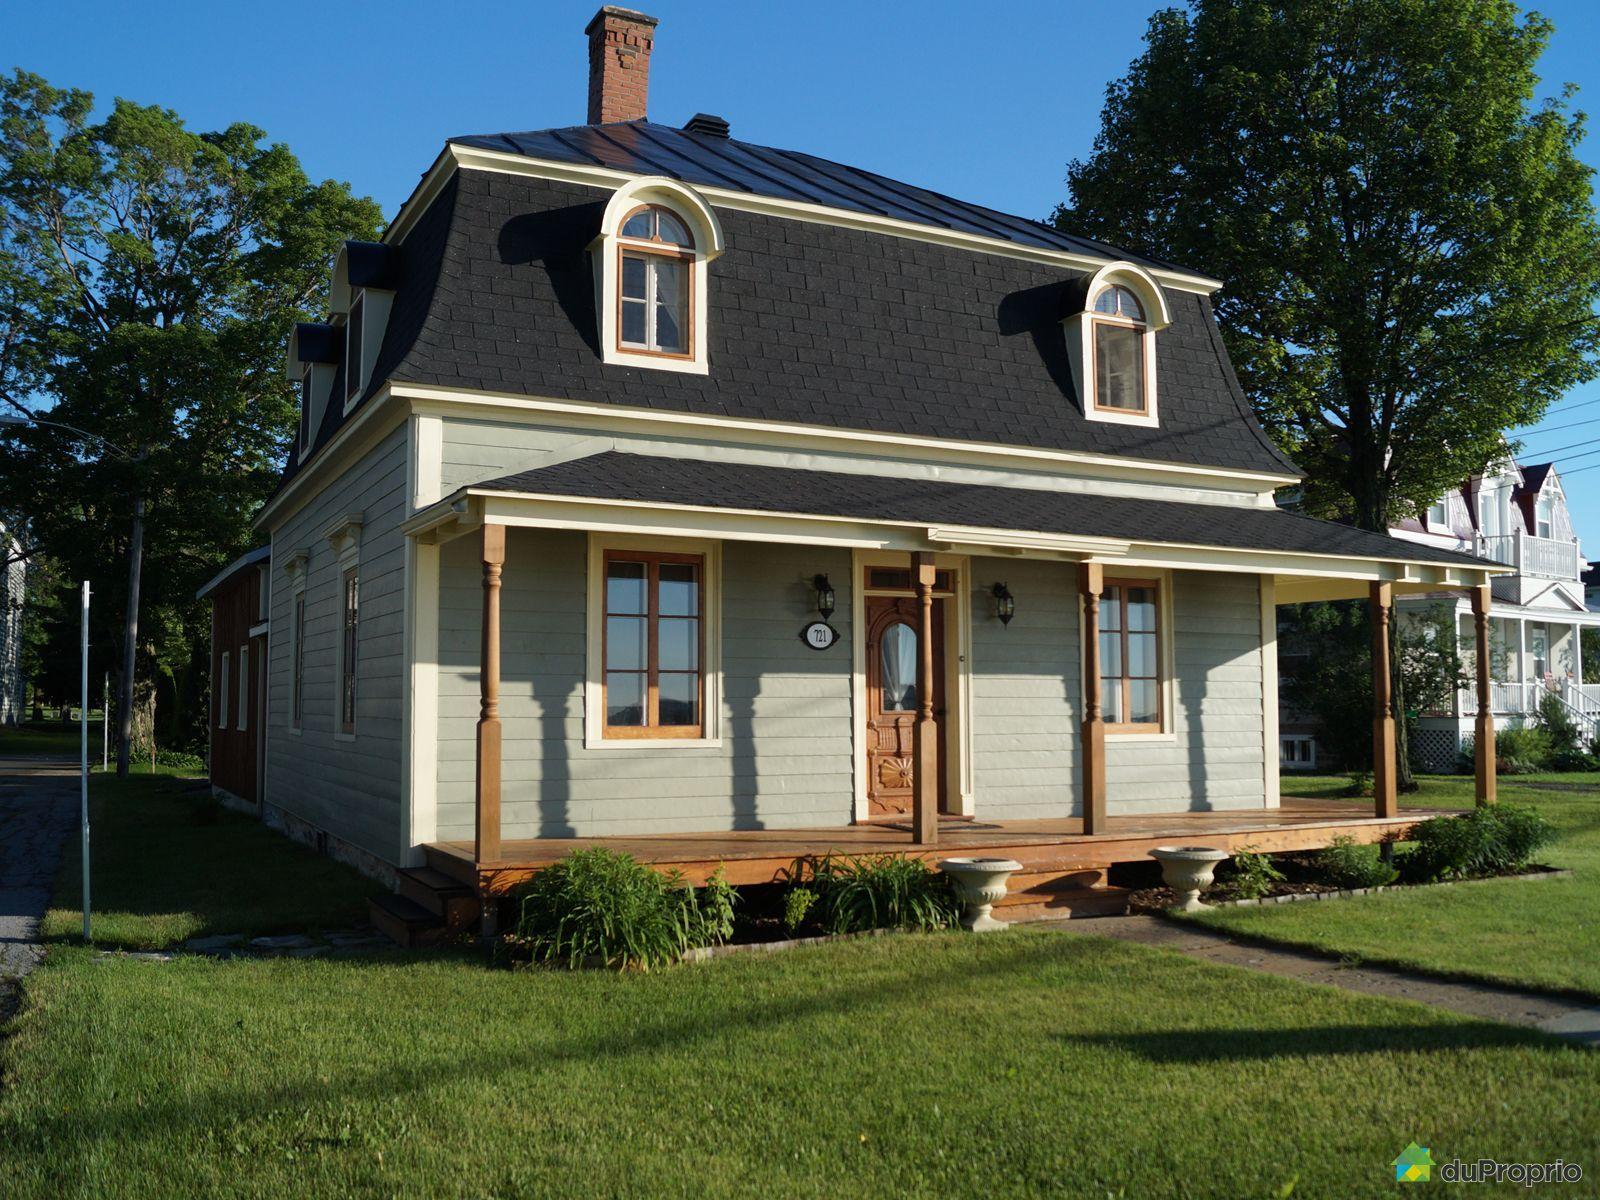 721 rue principale batiscan vendre duproprio for Acheter une maison au canada montreal